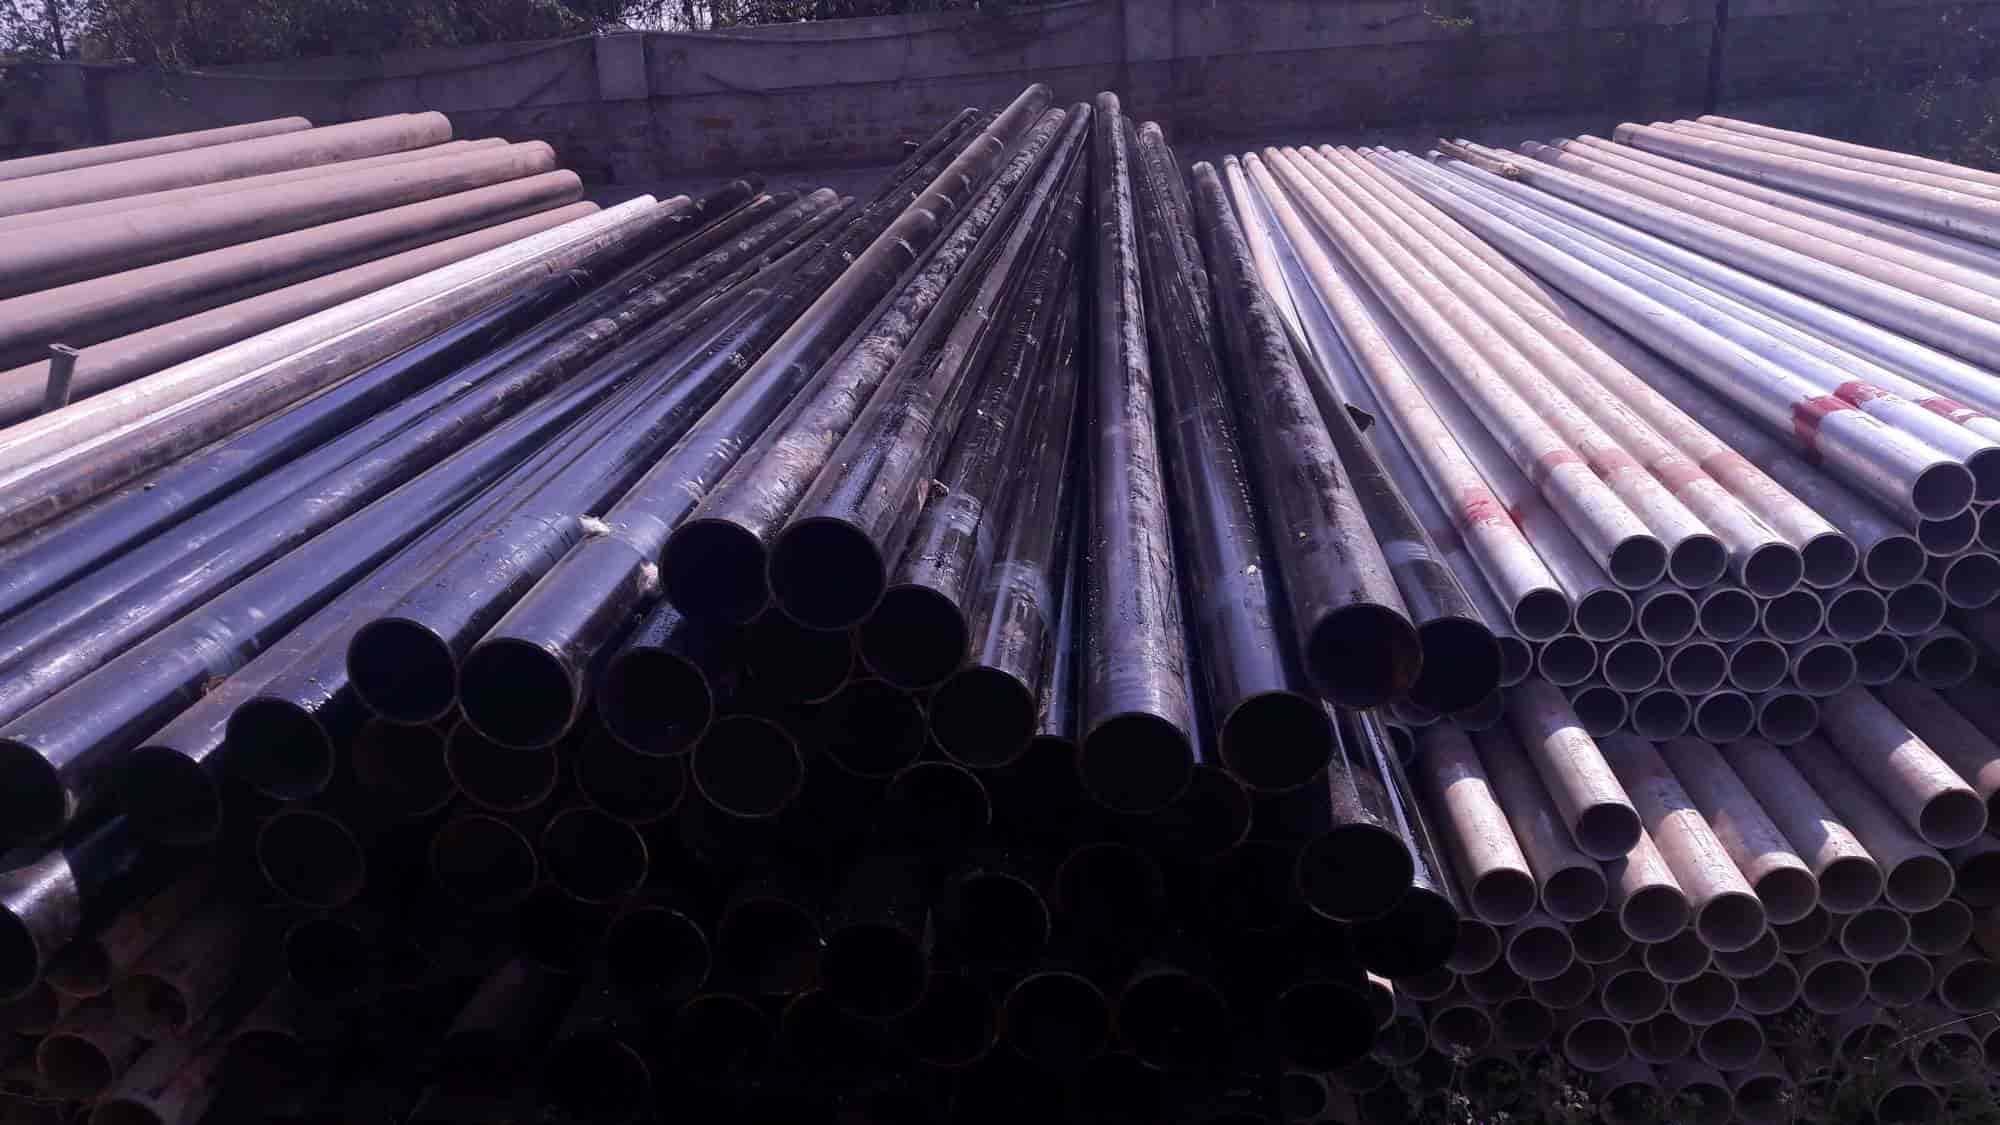 Aangi Pipe And Steel Supplier - Aangi Pipe u0026 Steel Supplier - Pipe Dealers in Surat - Justdial & Aangi Pipe And Steel Supplier - Aangi Pipe u0026 Steel Supplier - Pipe ...